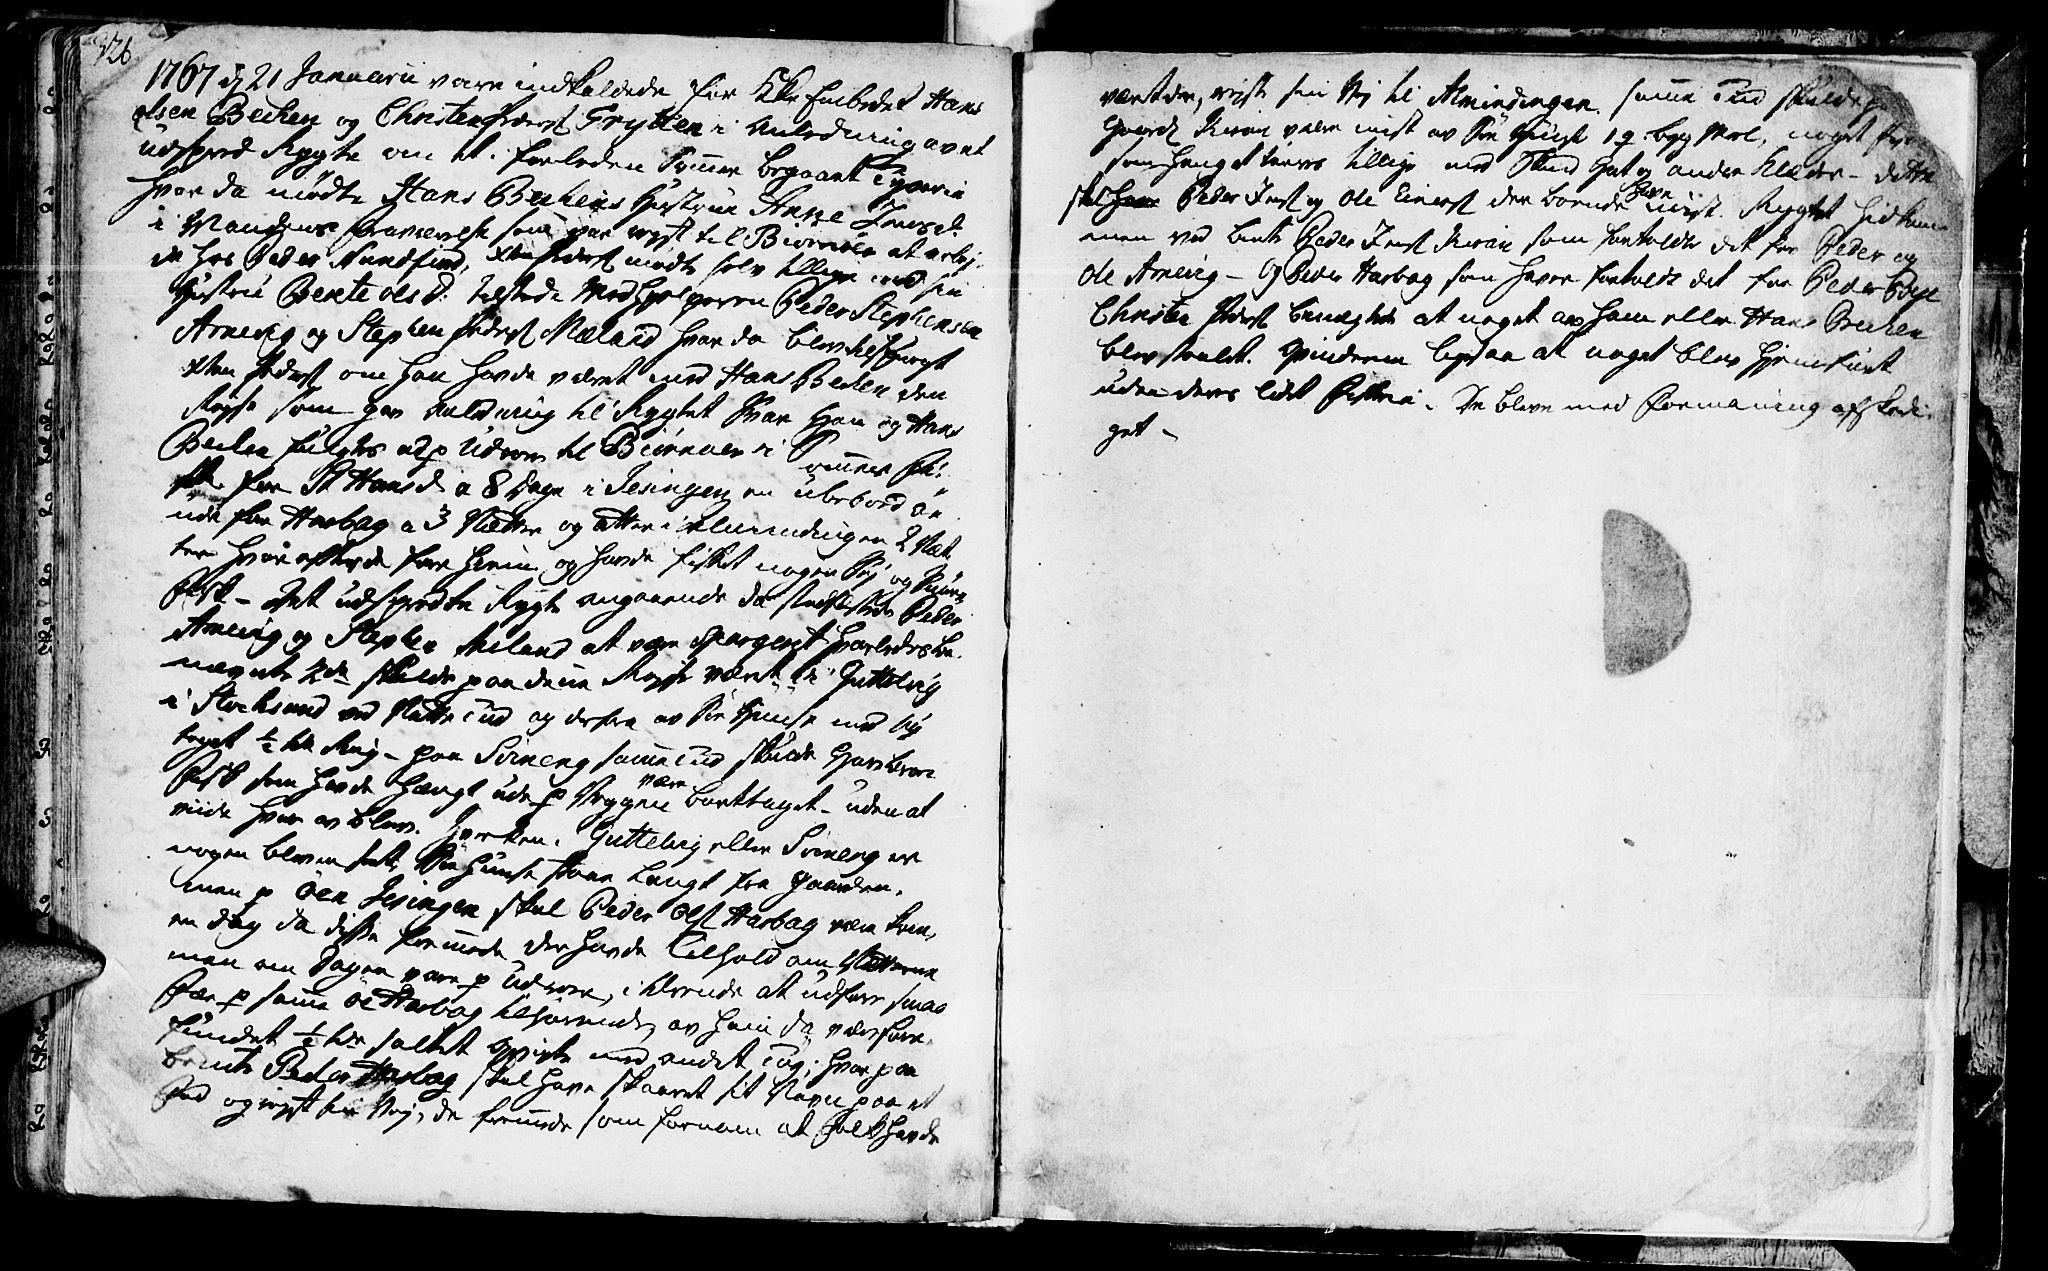 SAT, Ministerialprotokoller, klokkerbøker og fødselsregistre - Sør-Trøndelag, 655/L0672: Ministerialbok nr. 655A01, 1750-1779, s. 326-327